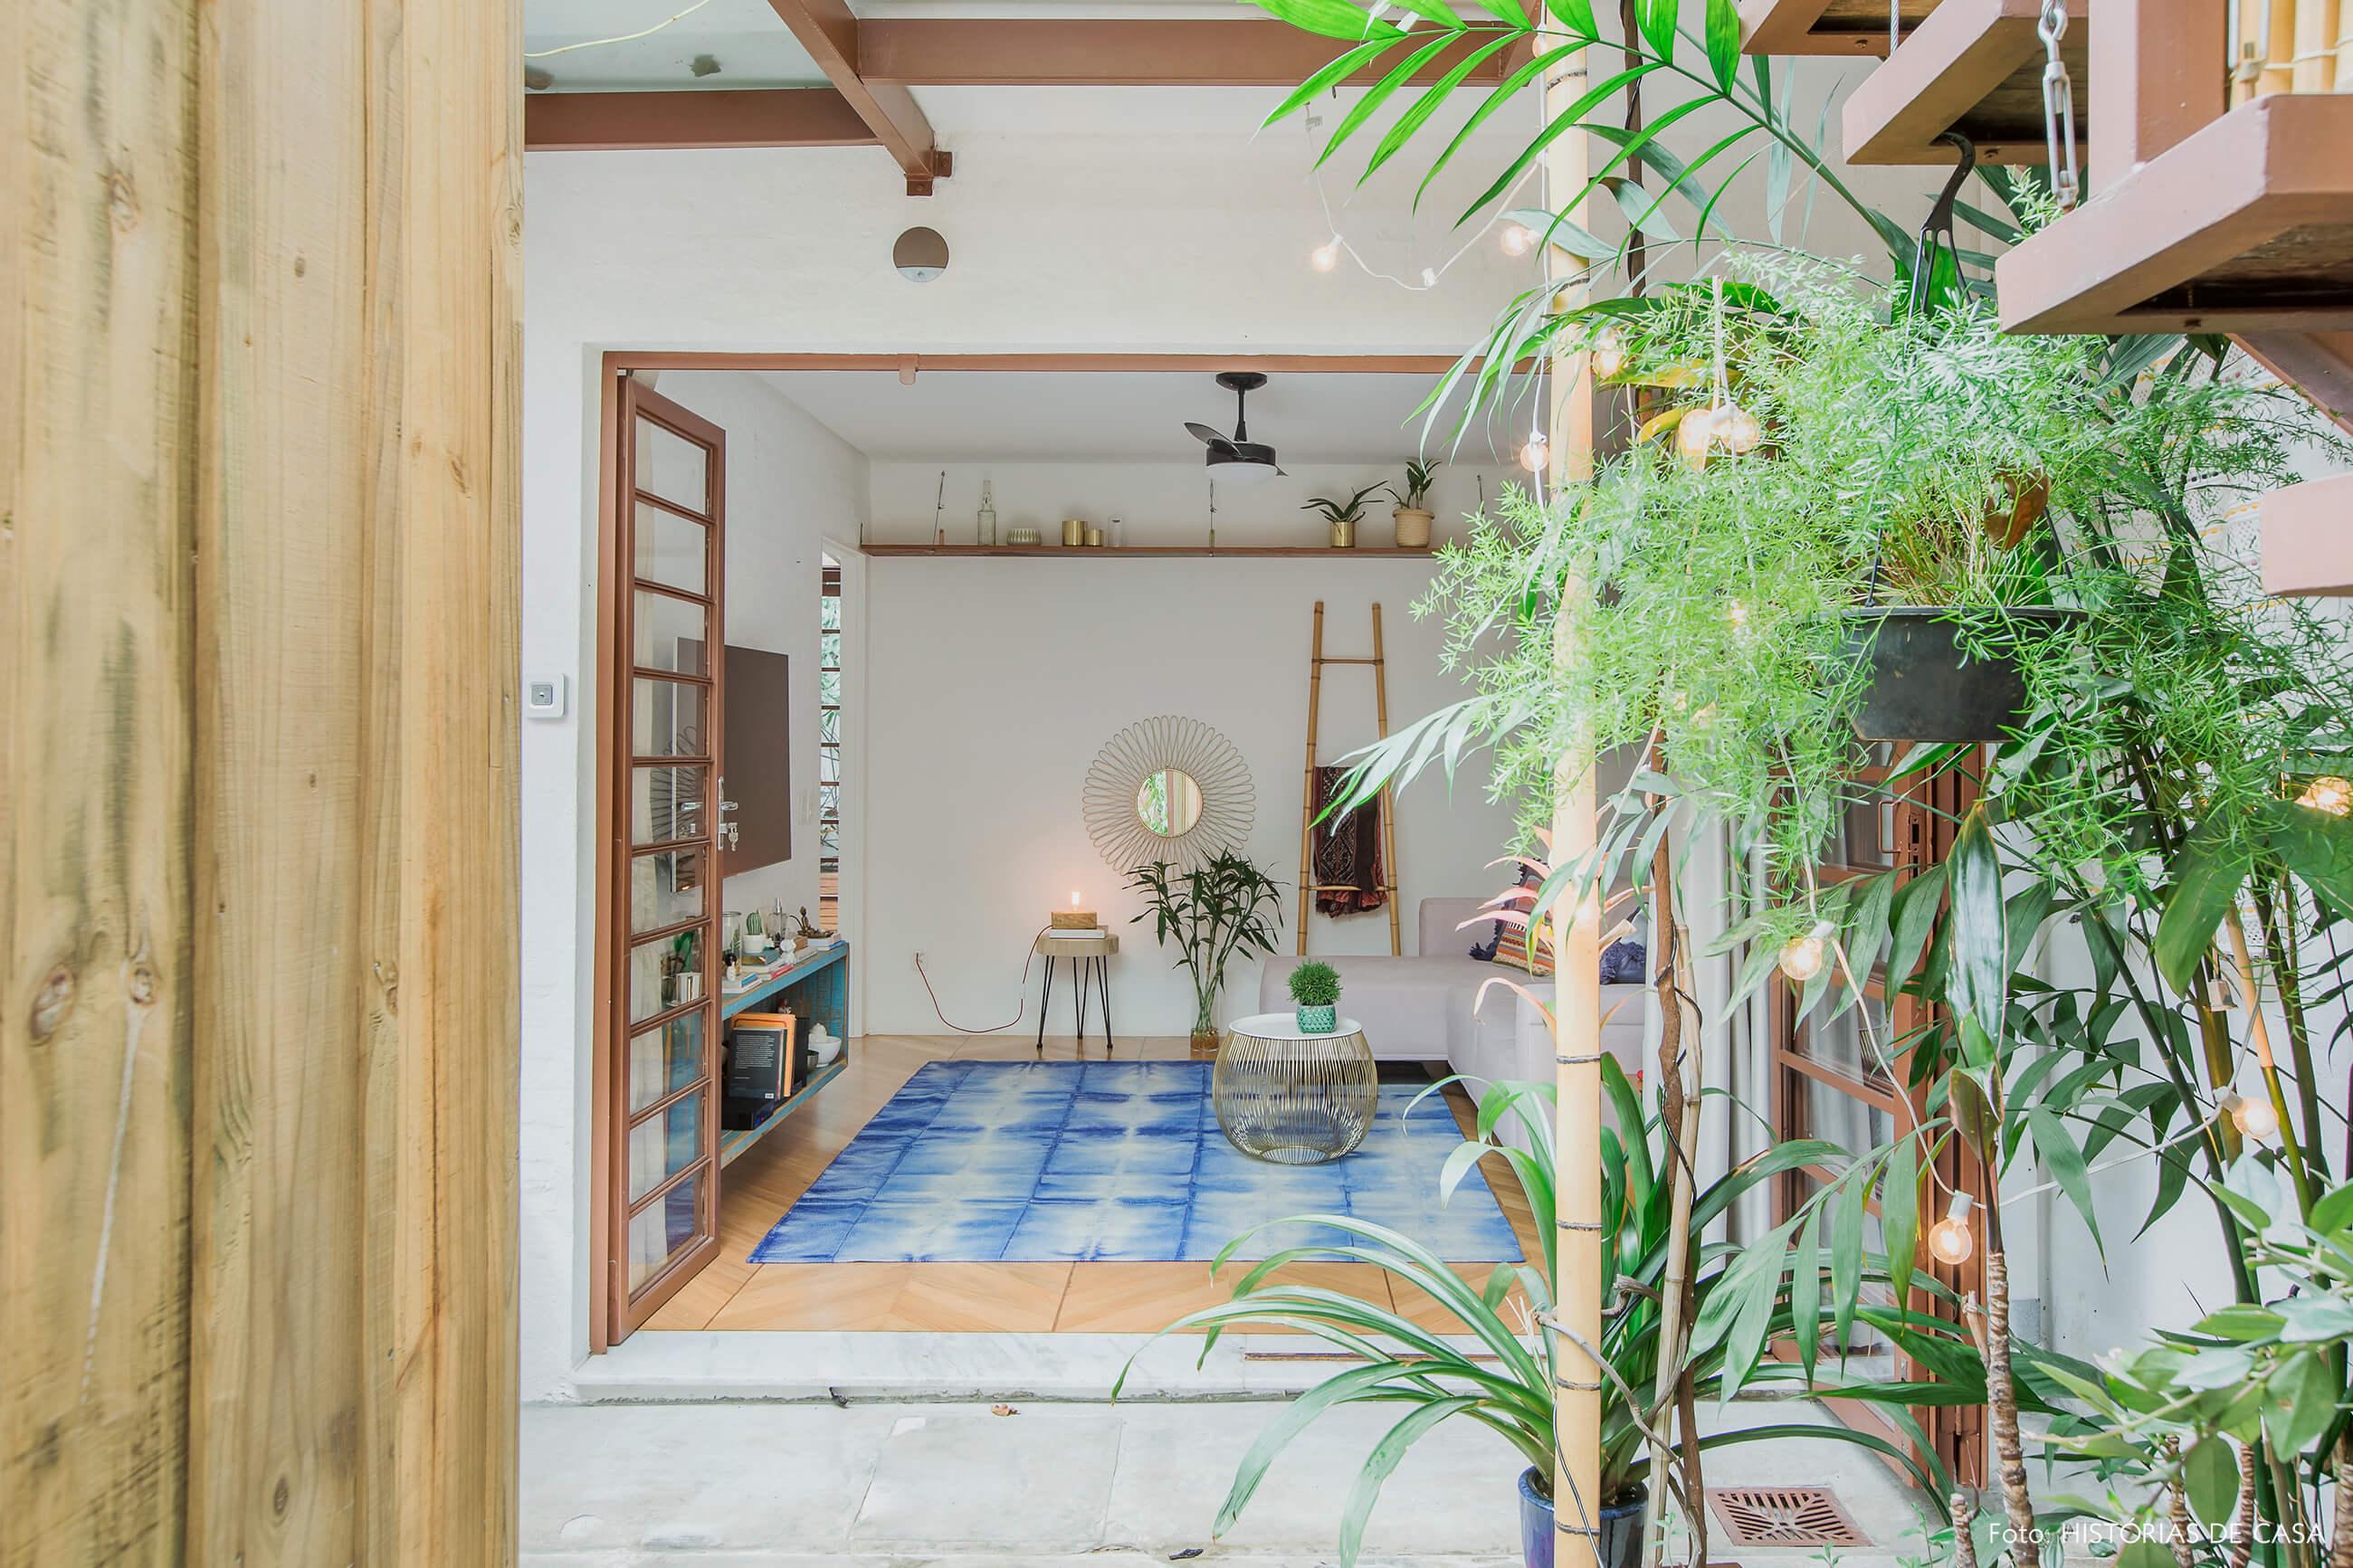 Casa com quintal e decoração colorida